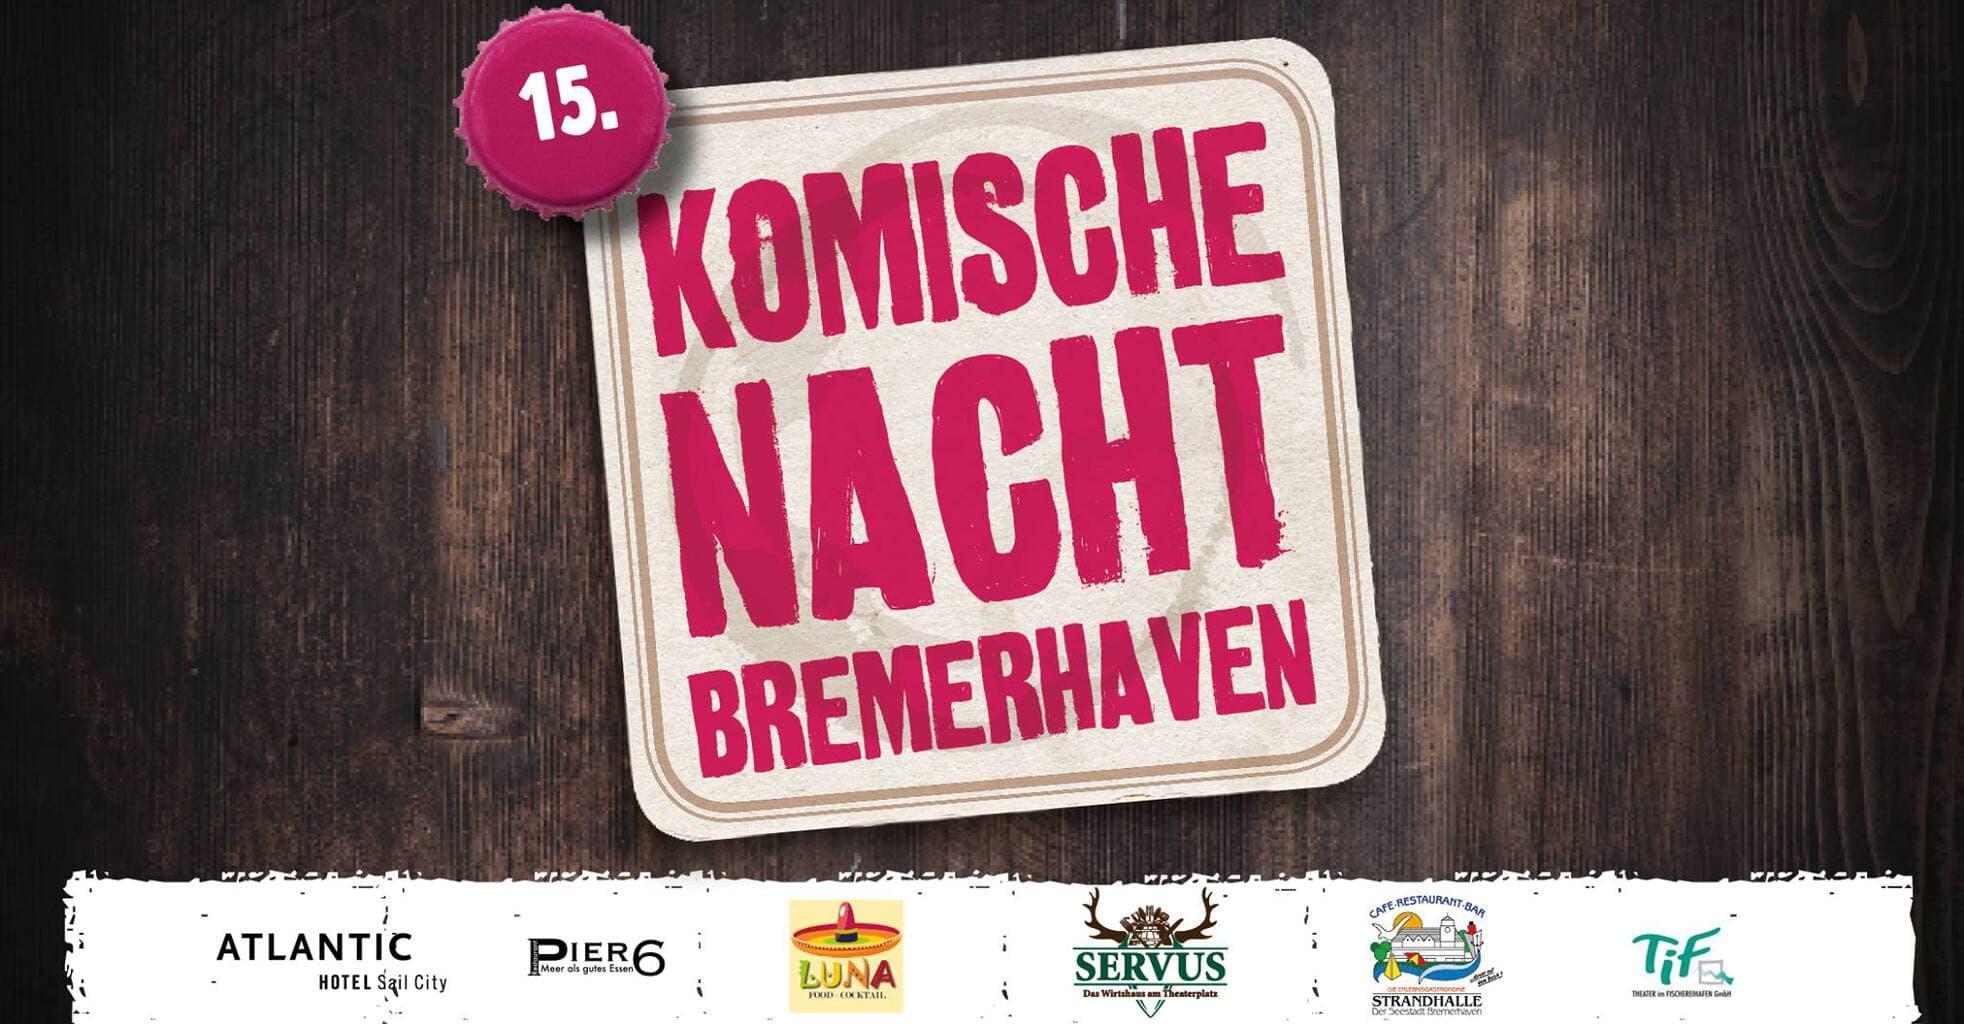 Komische Nacht Bremerhaven 2019